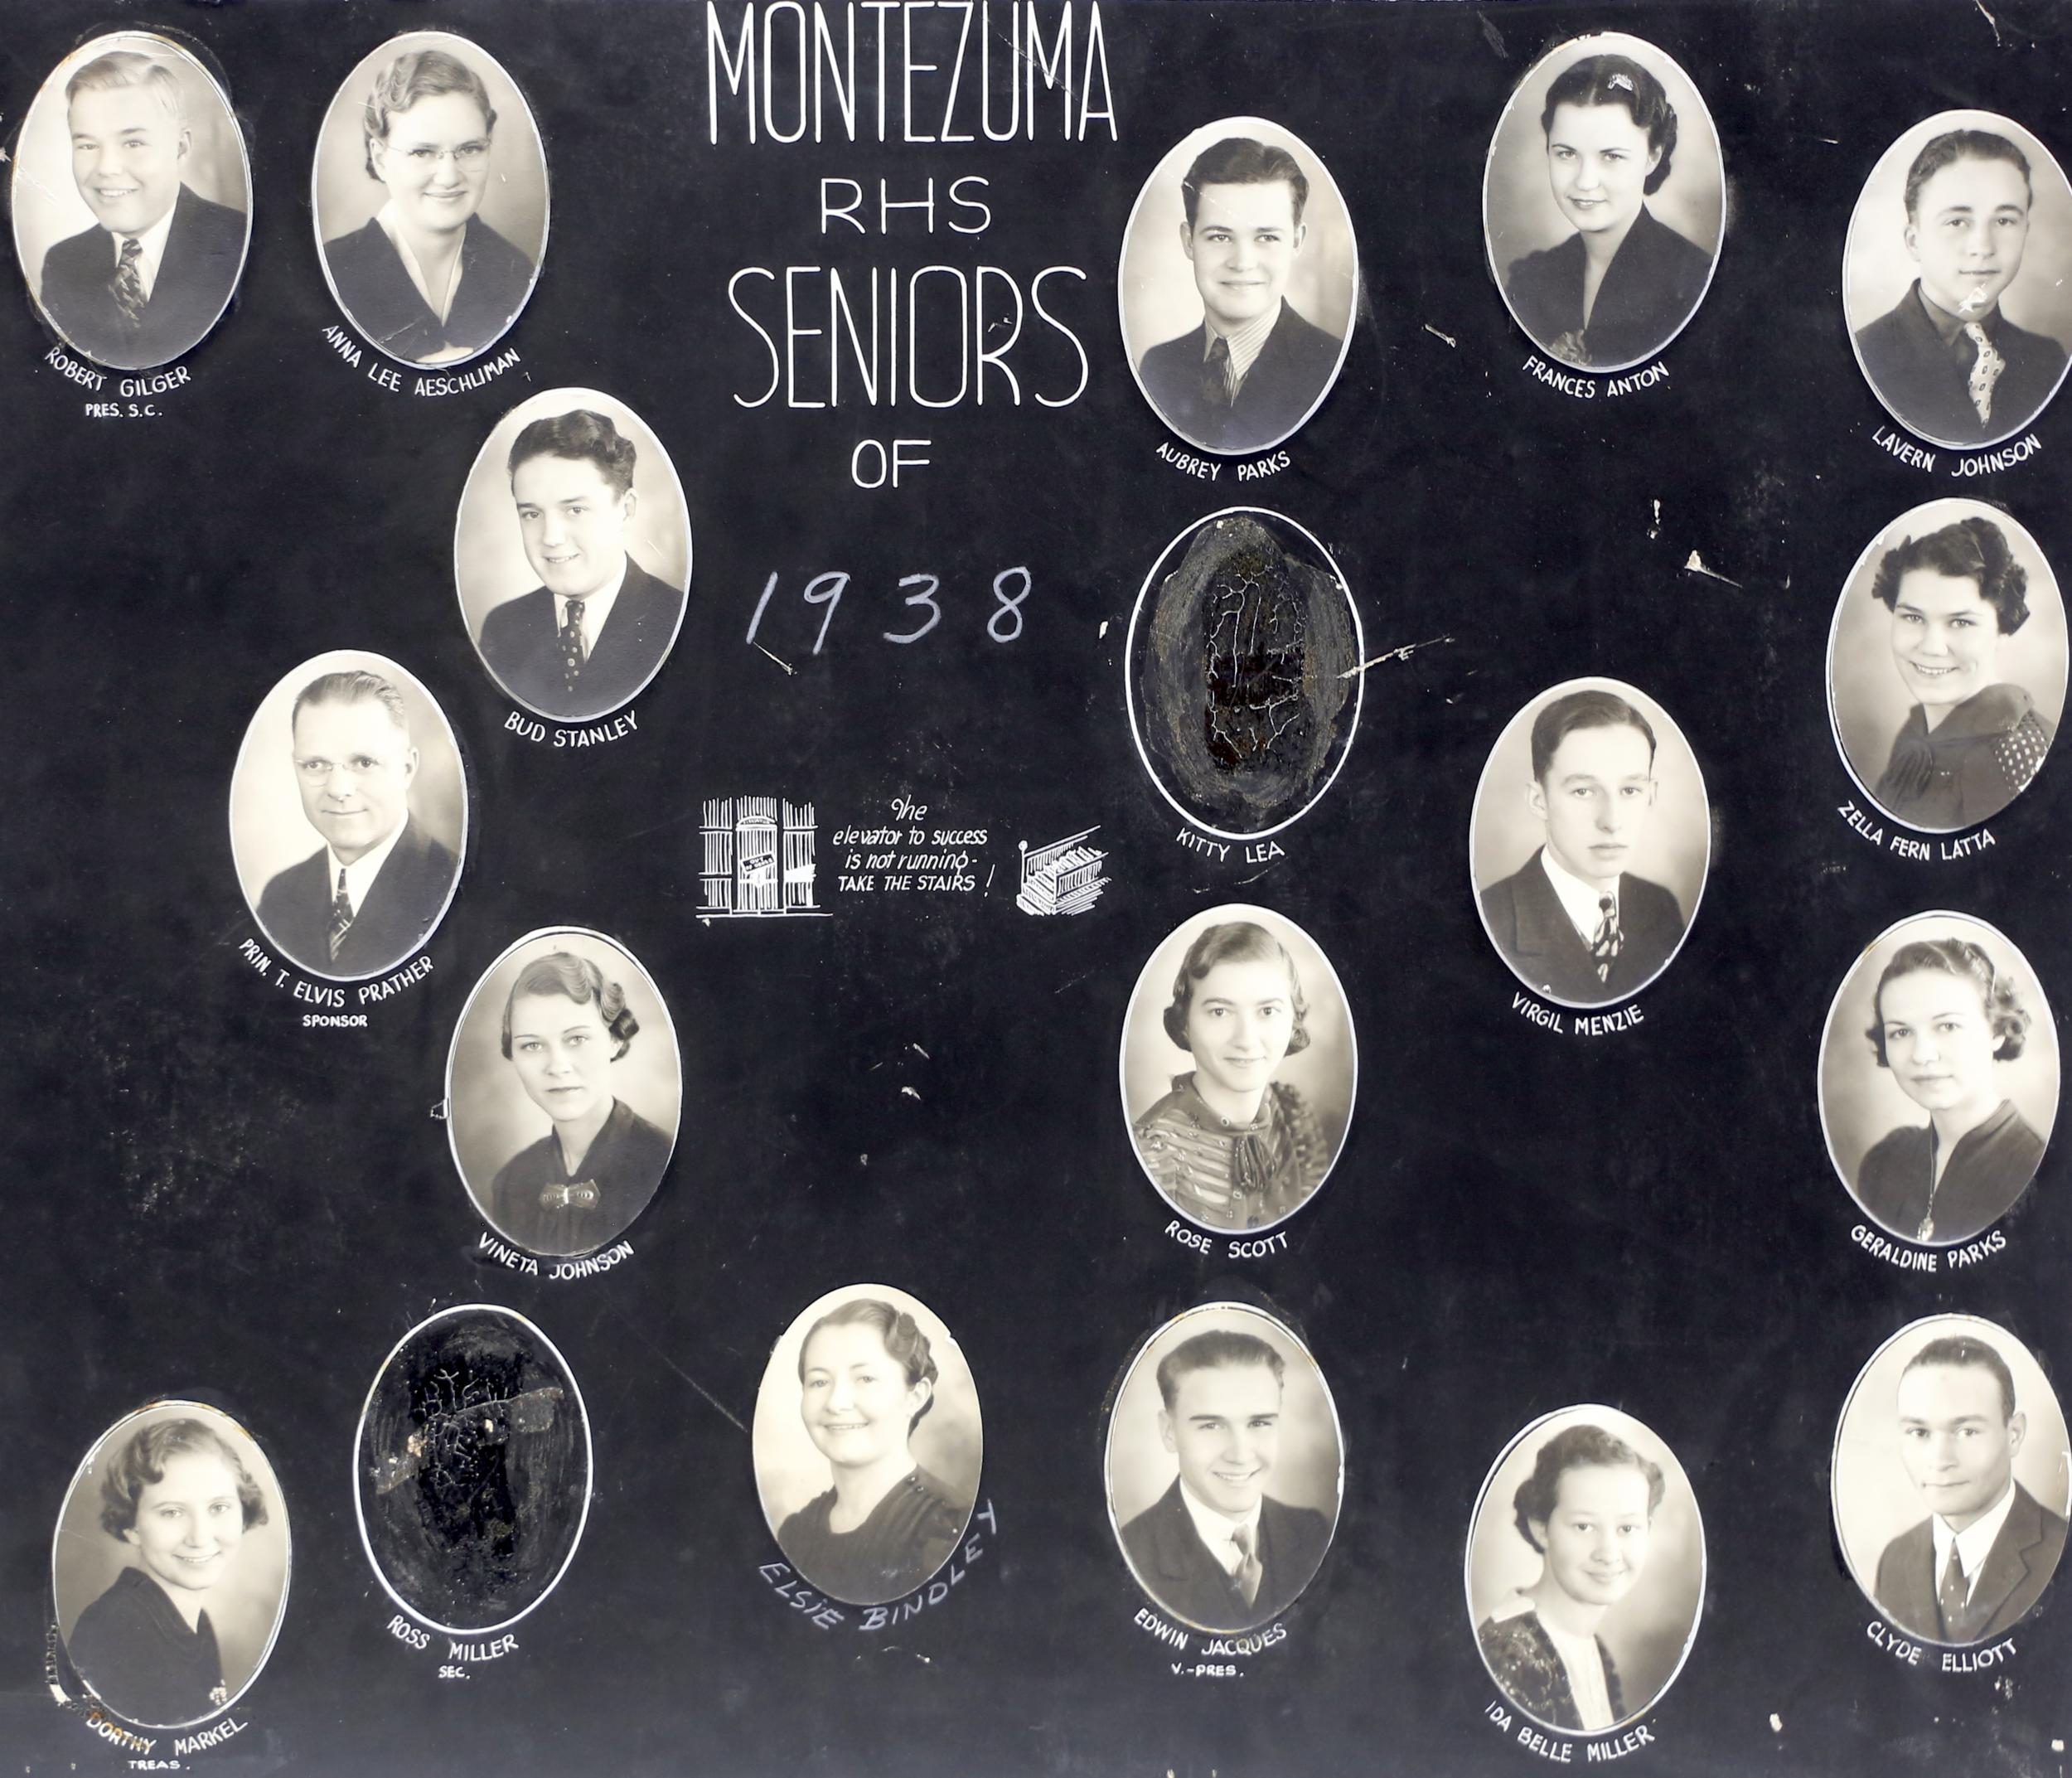 Montezuma GC 1938